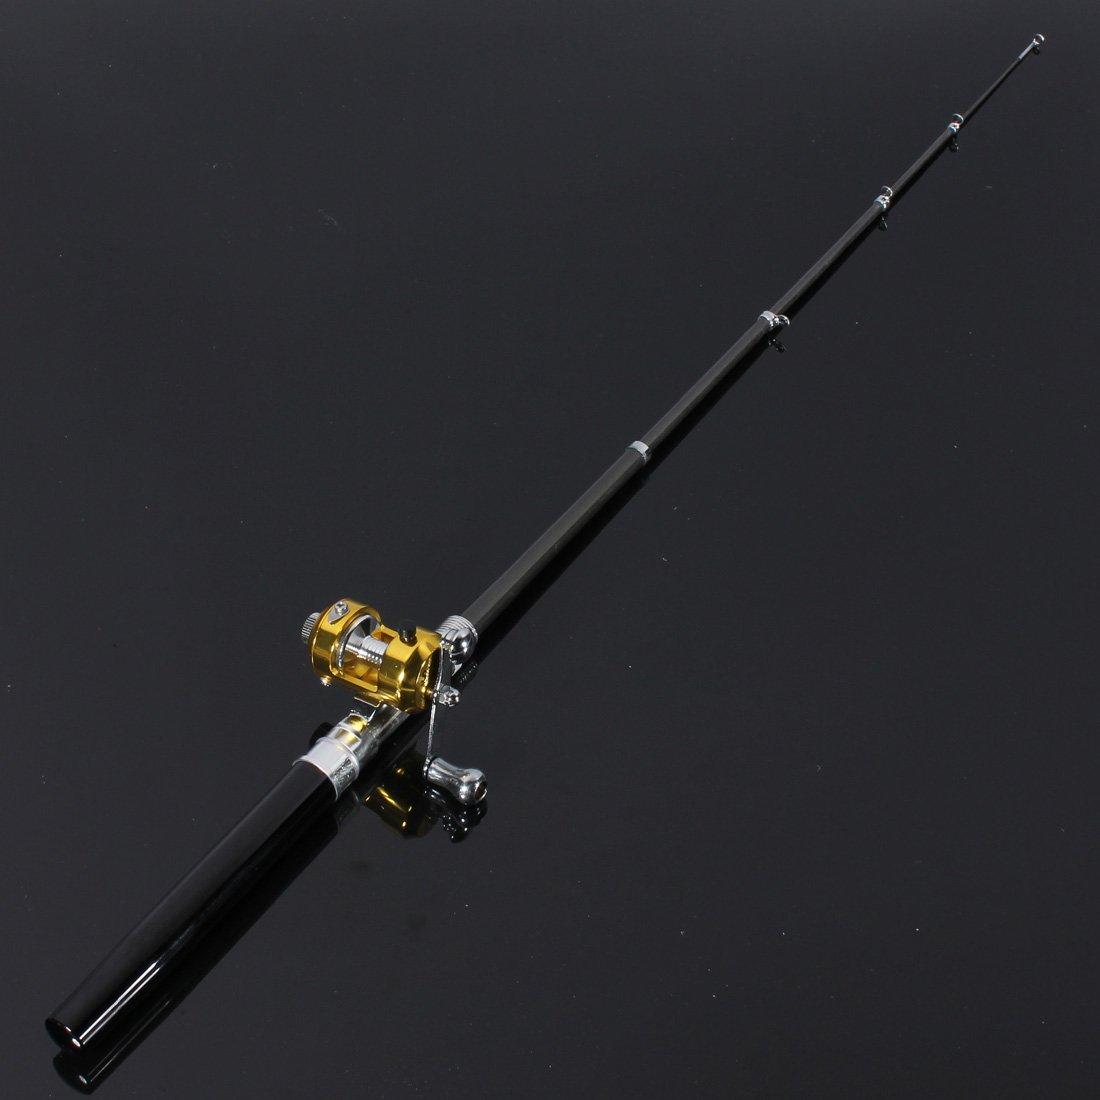 aleaci/ón de aluminio, portable Ca/ña de pesca y carrete FamilyMall